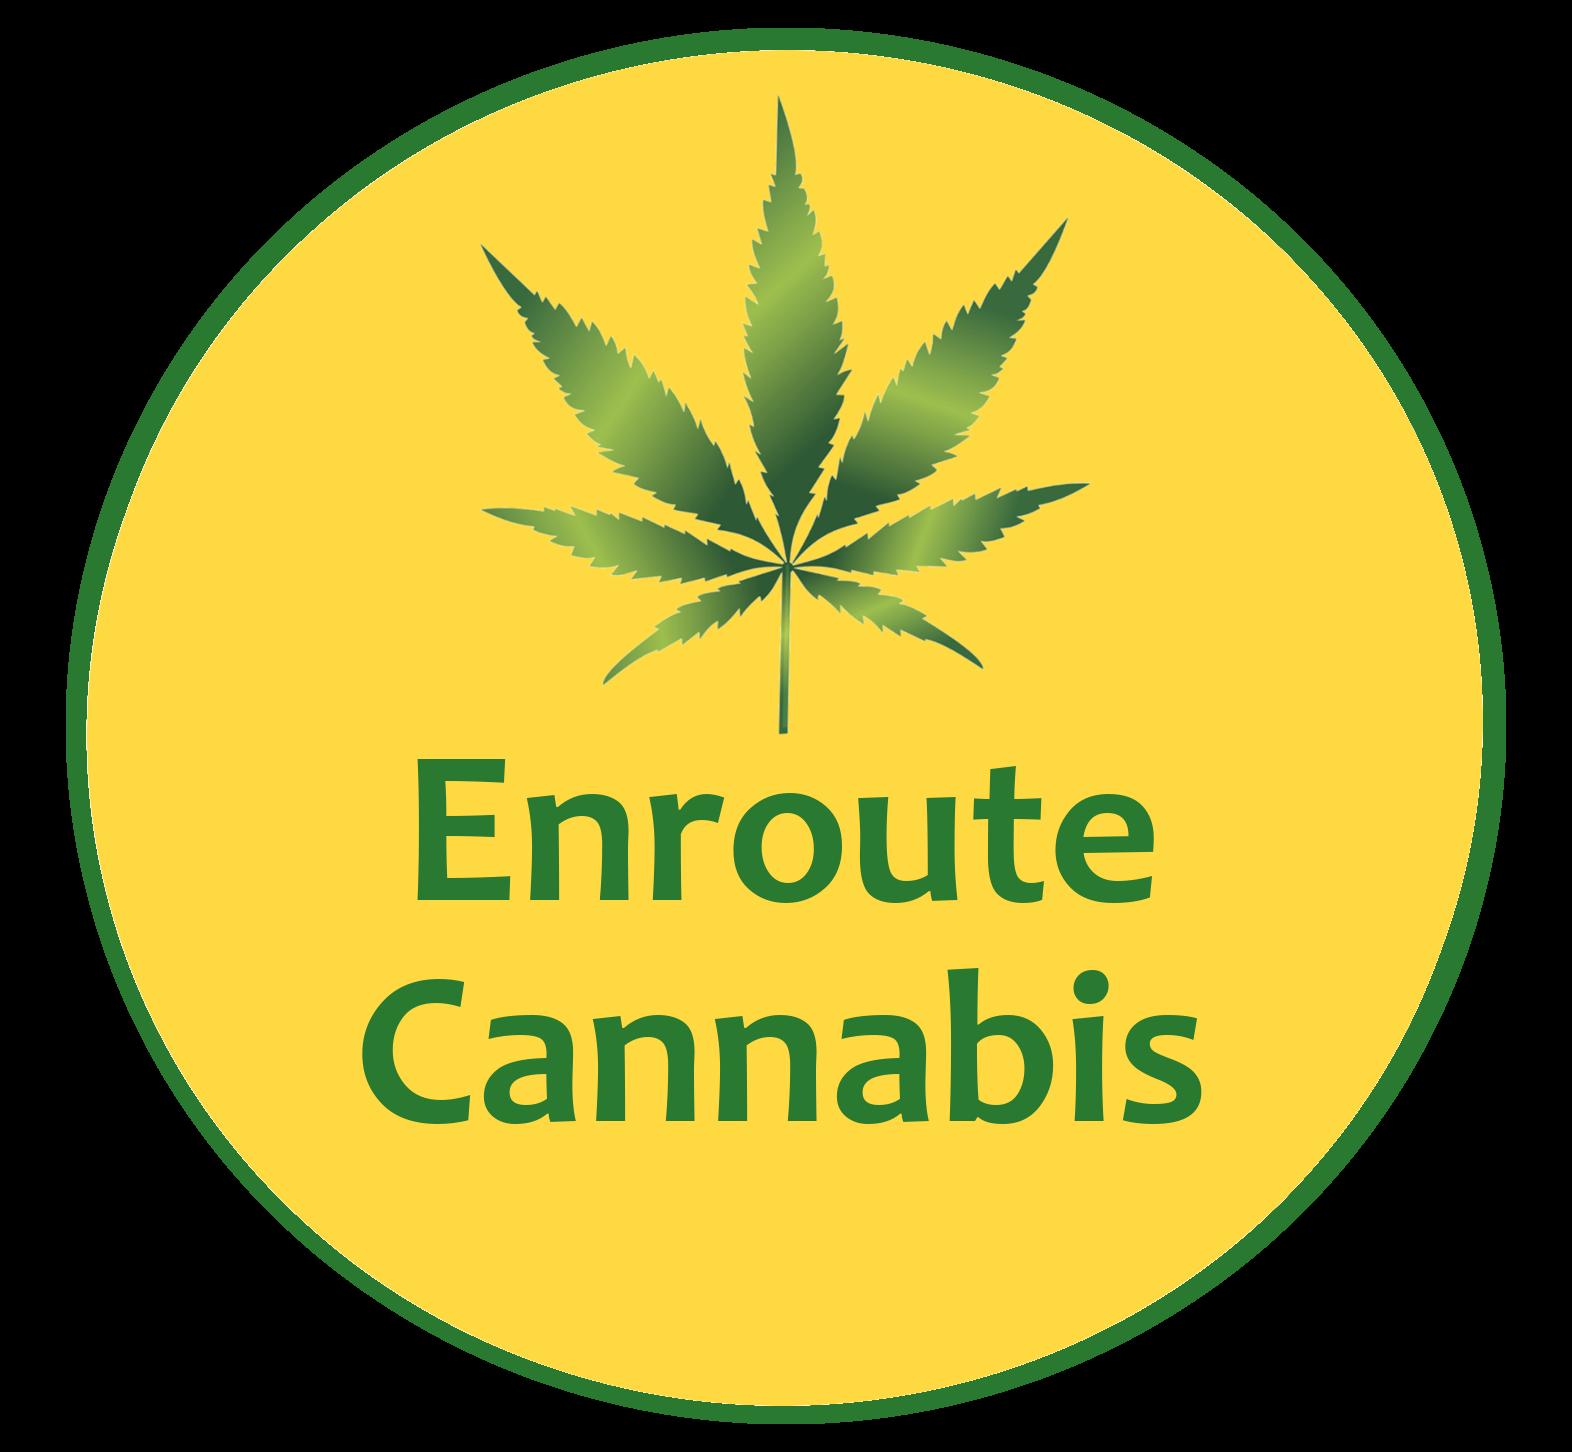 EnRoute Cannabis